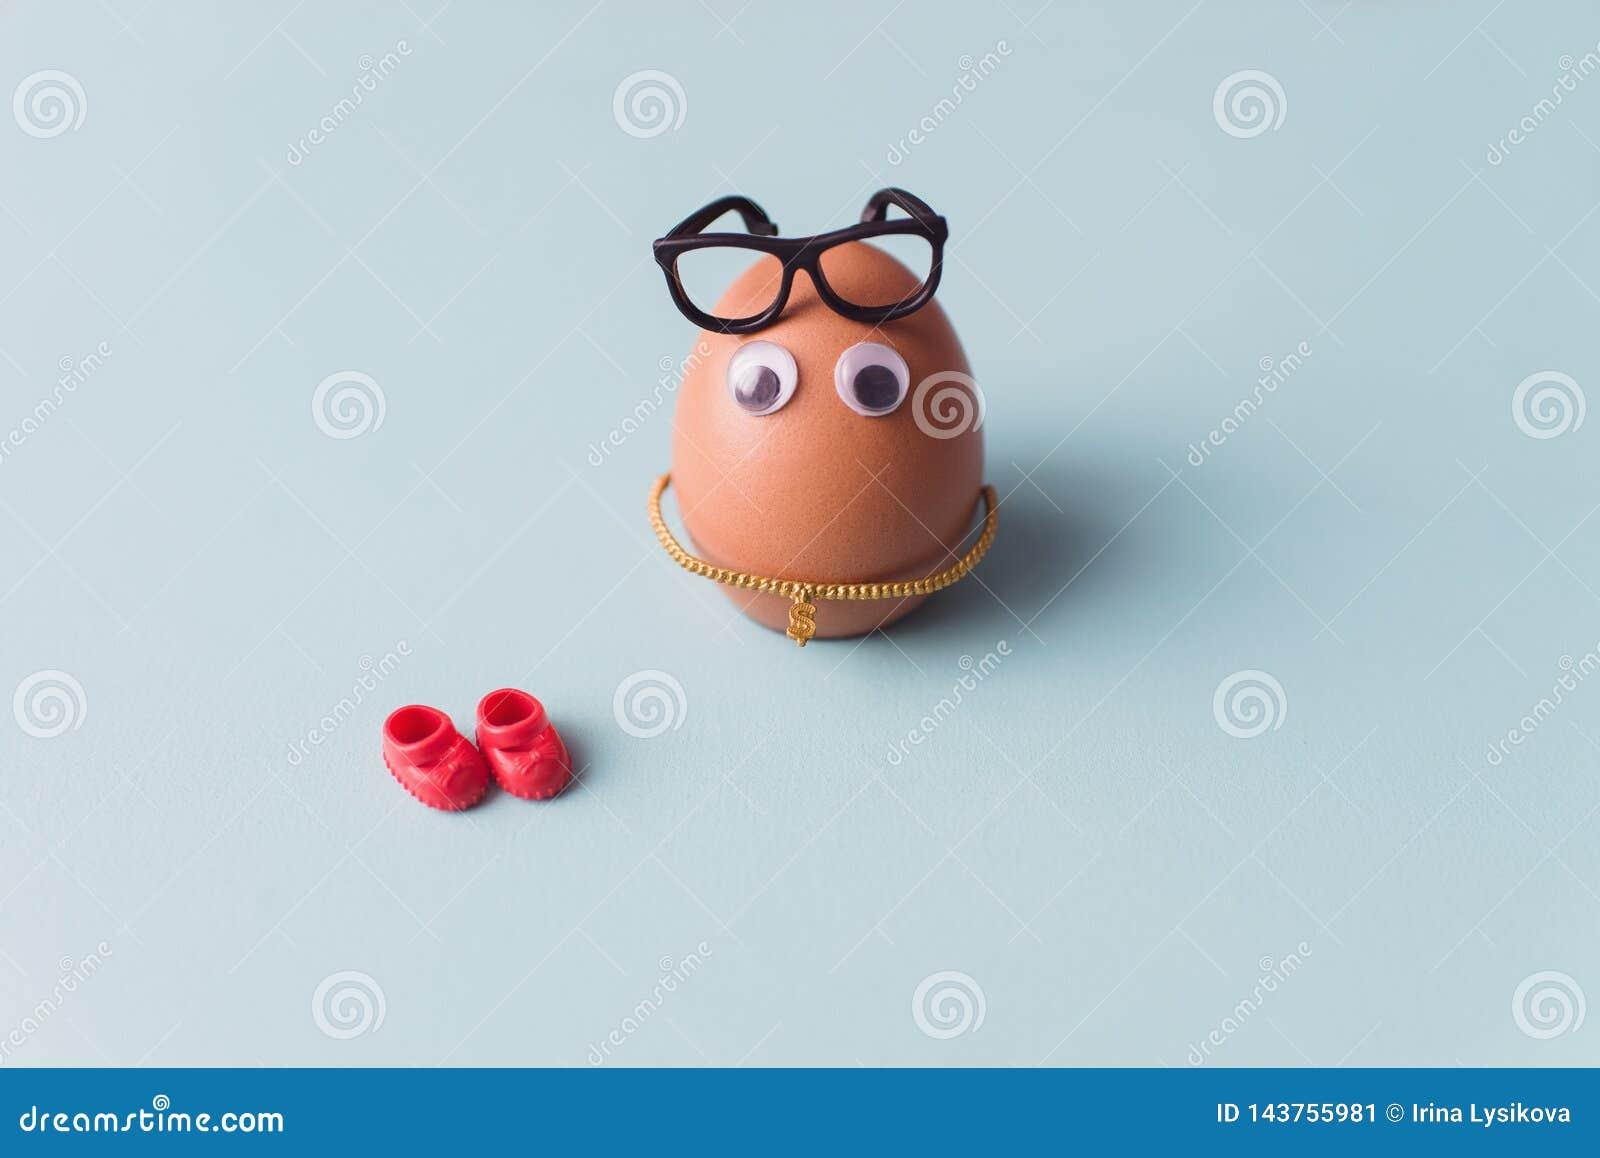 Смешное милое коричневое яйцо с черными стеклами и красными ботинками на голубой предпосылке